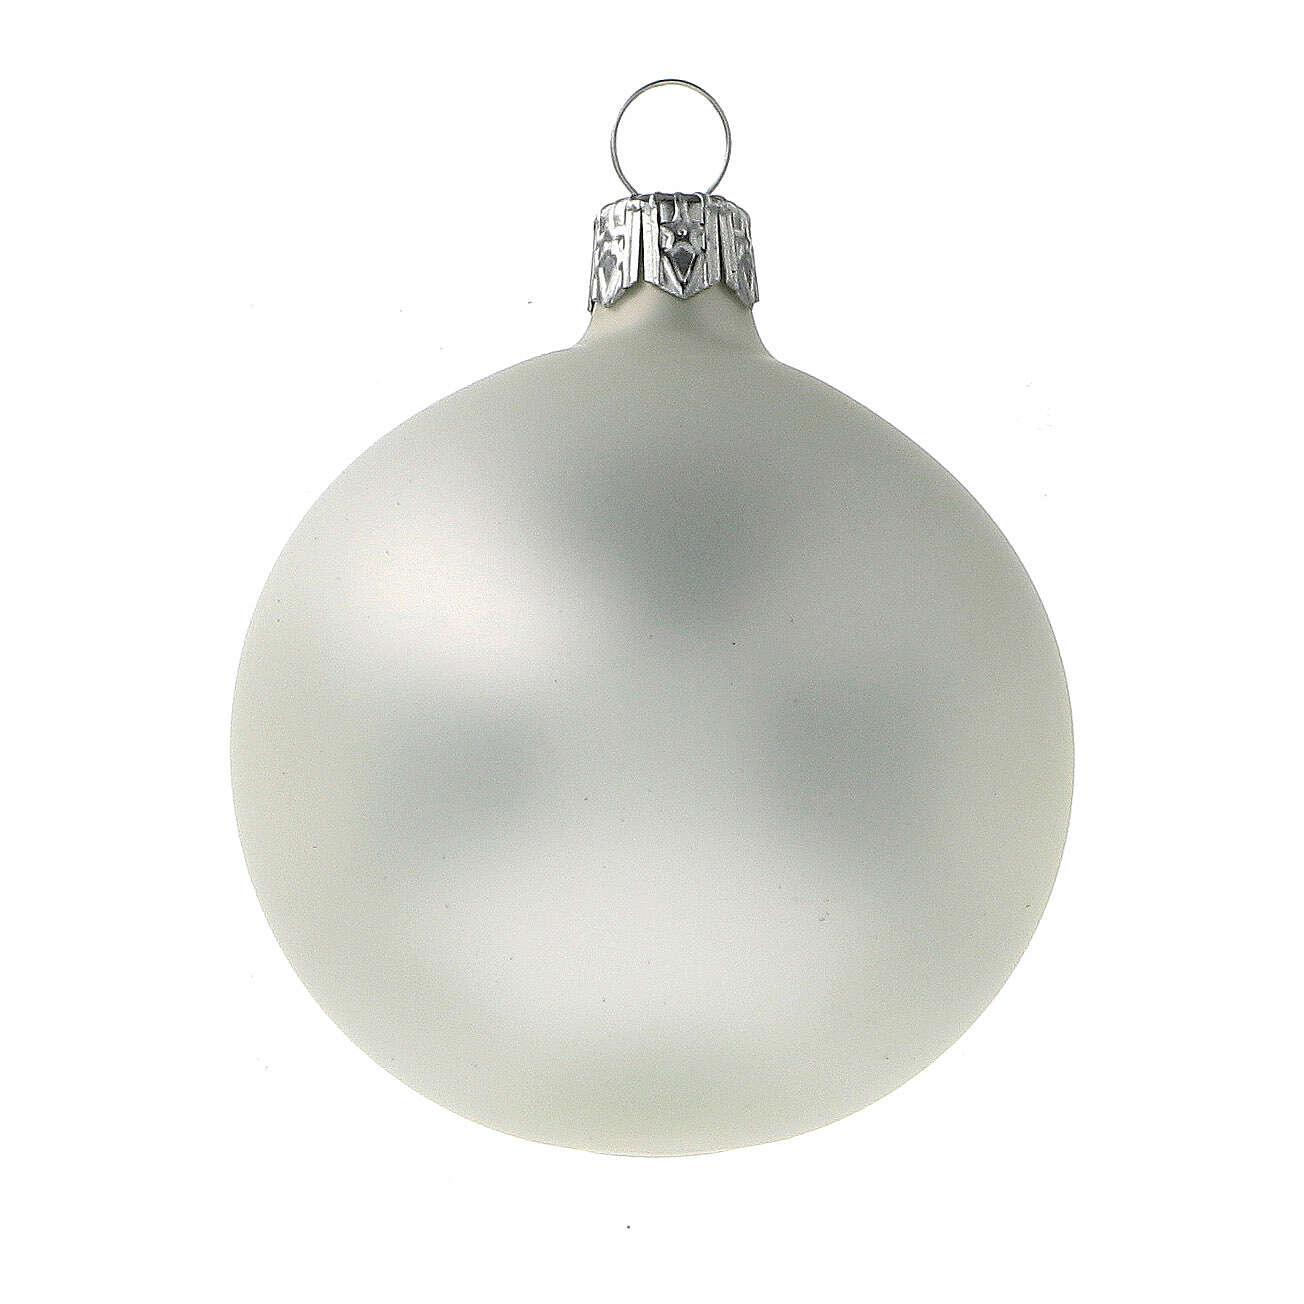 Pear-greymatte blown glass Christmas balls 6 cm 4